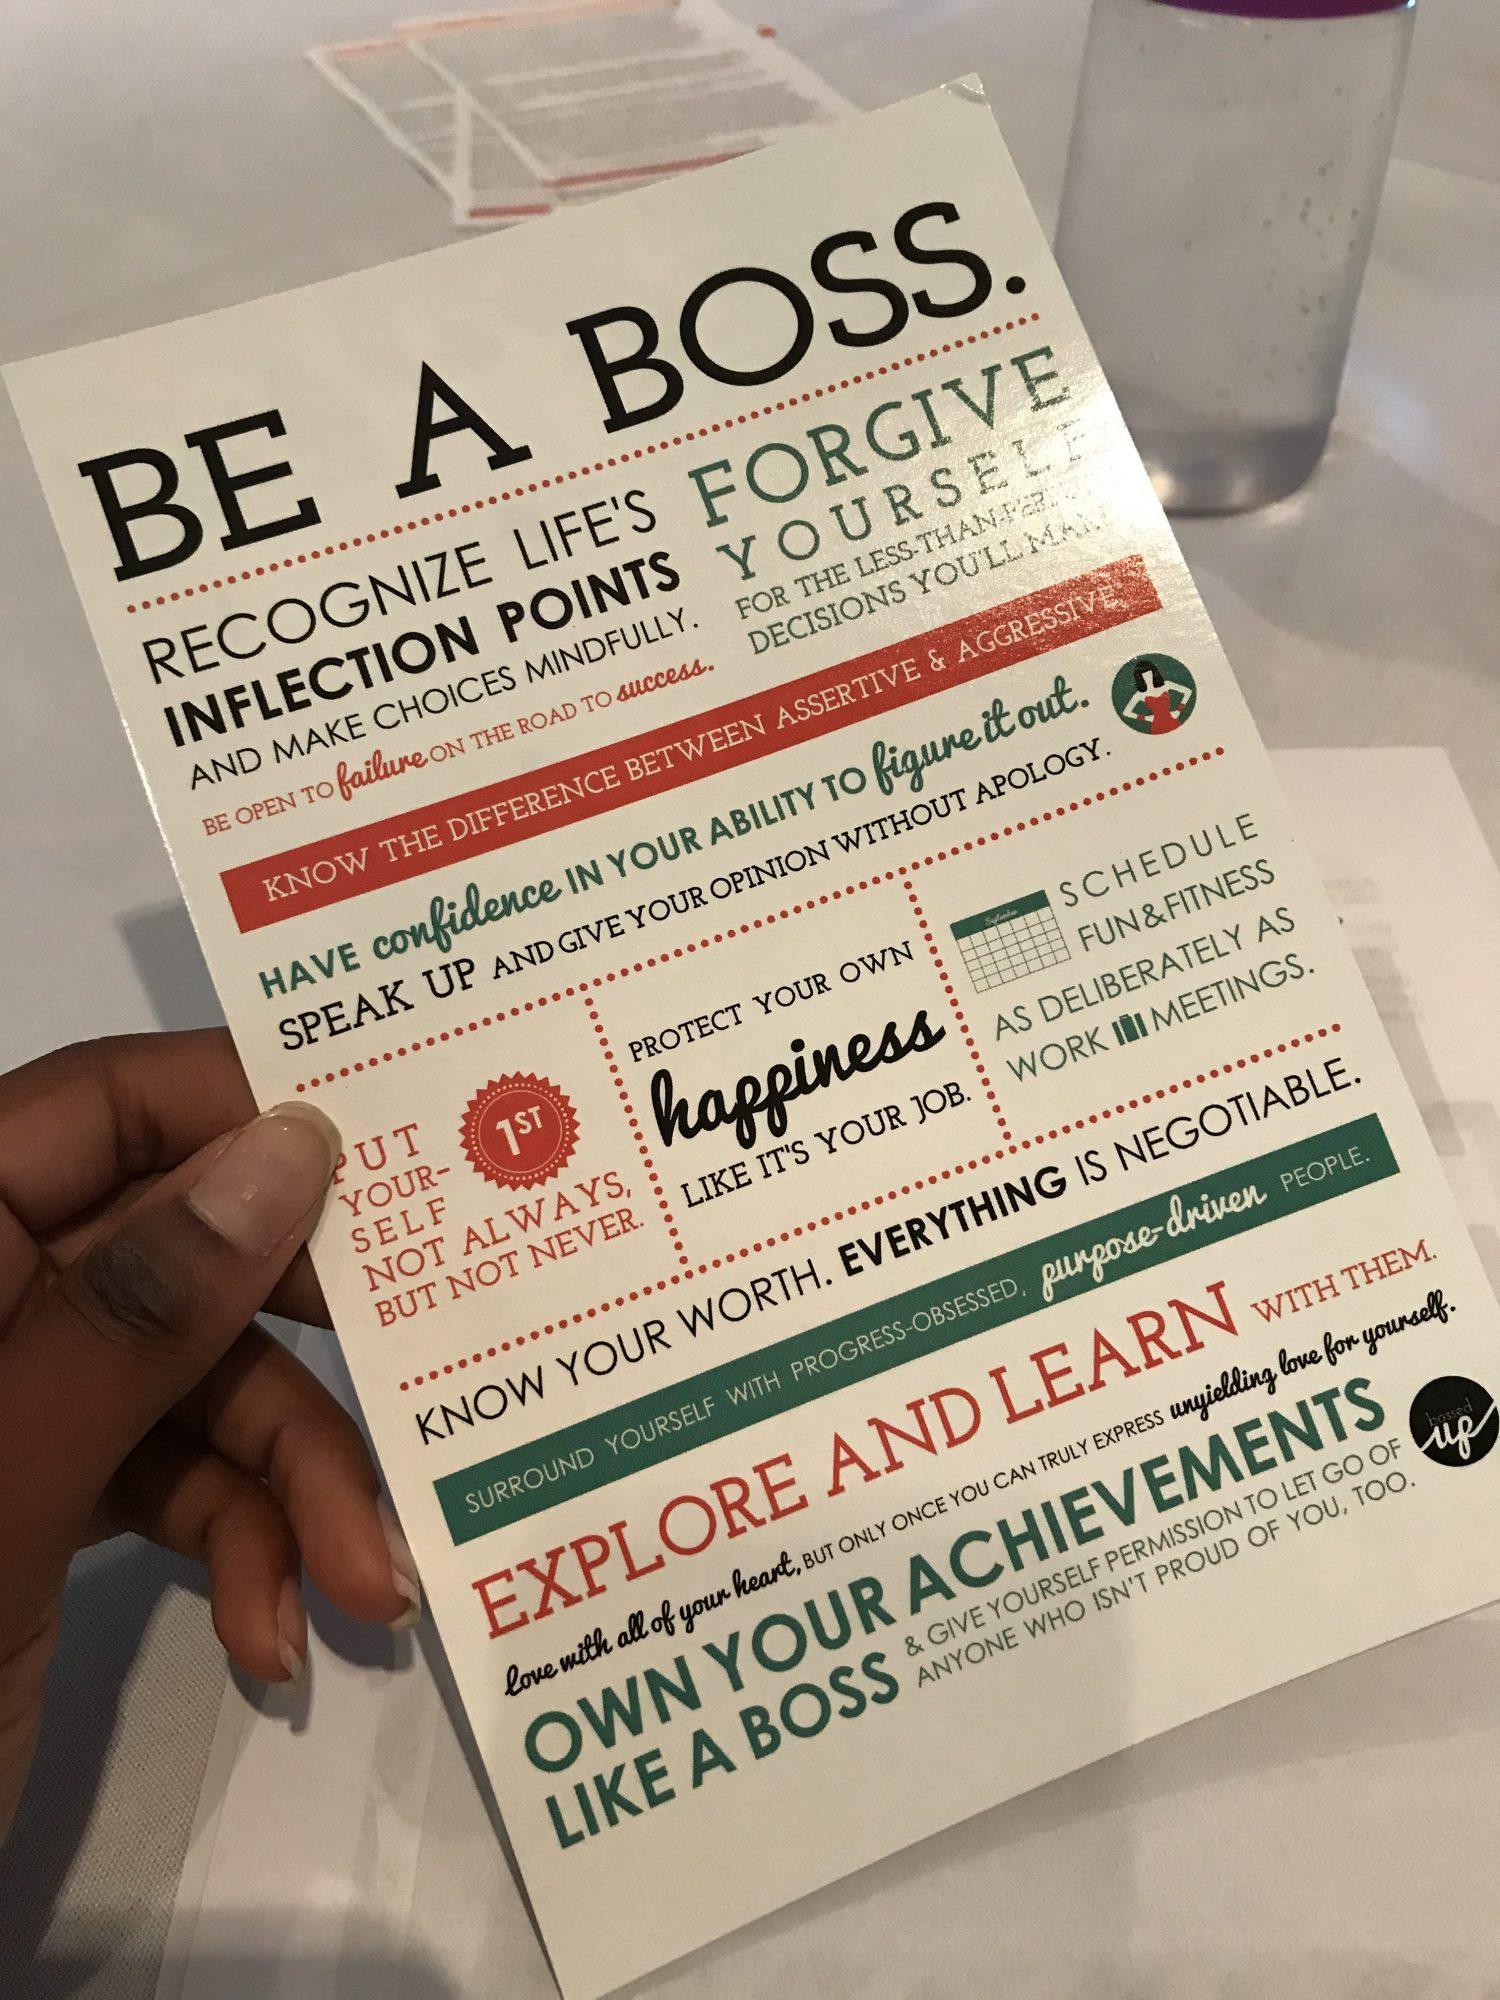 BossedUpManifesto-e1500260964558.jpg